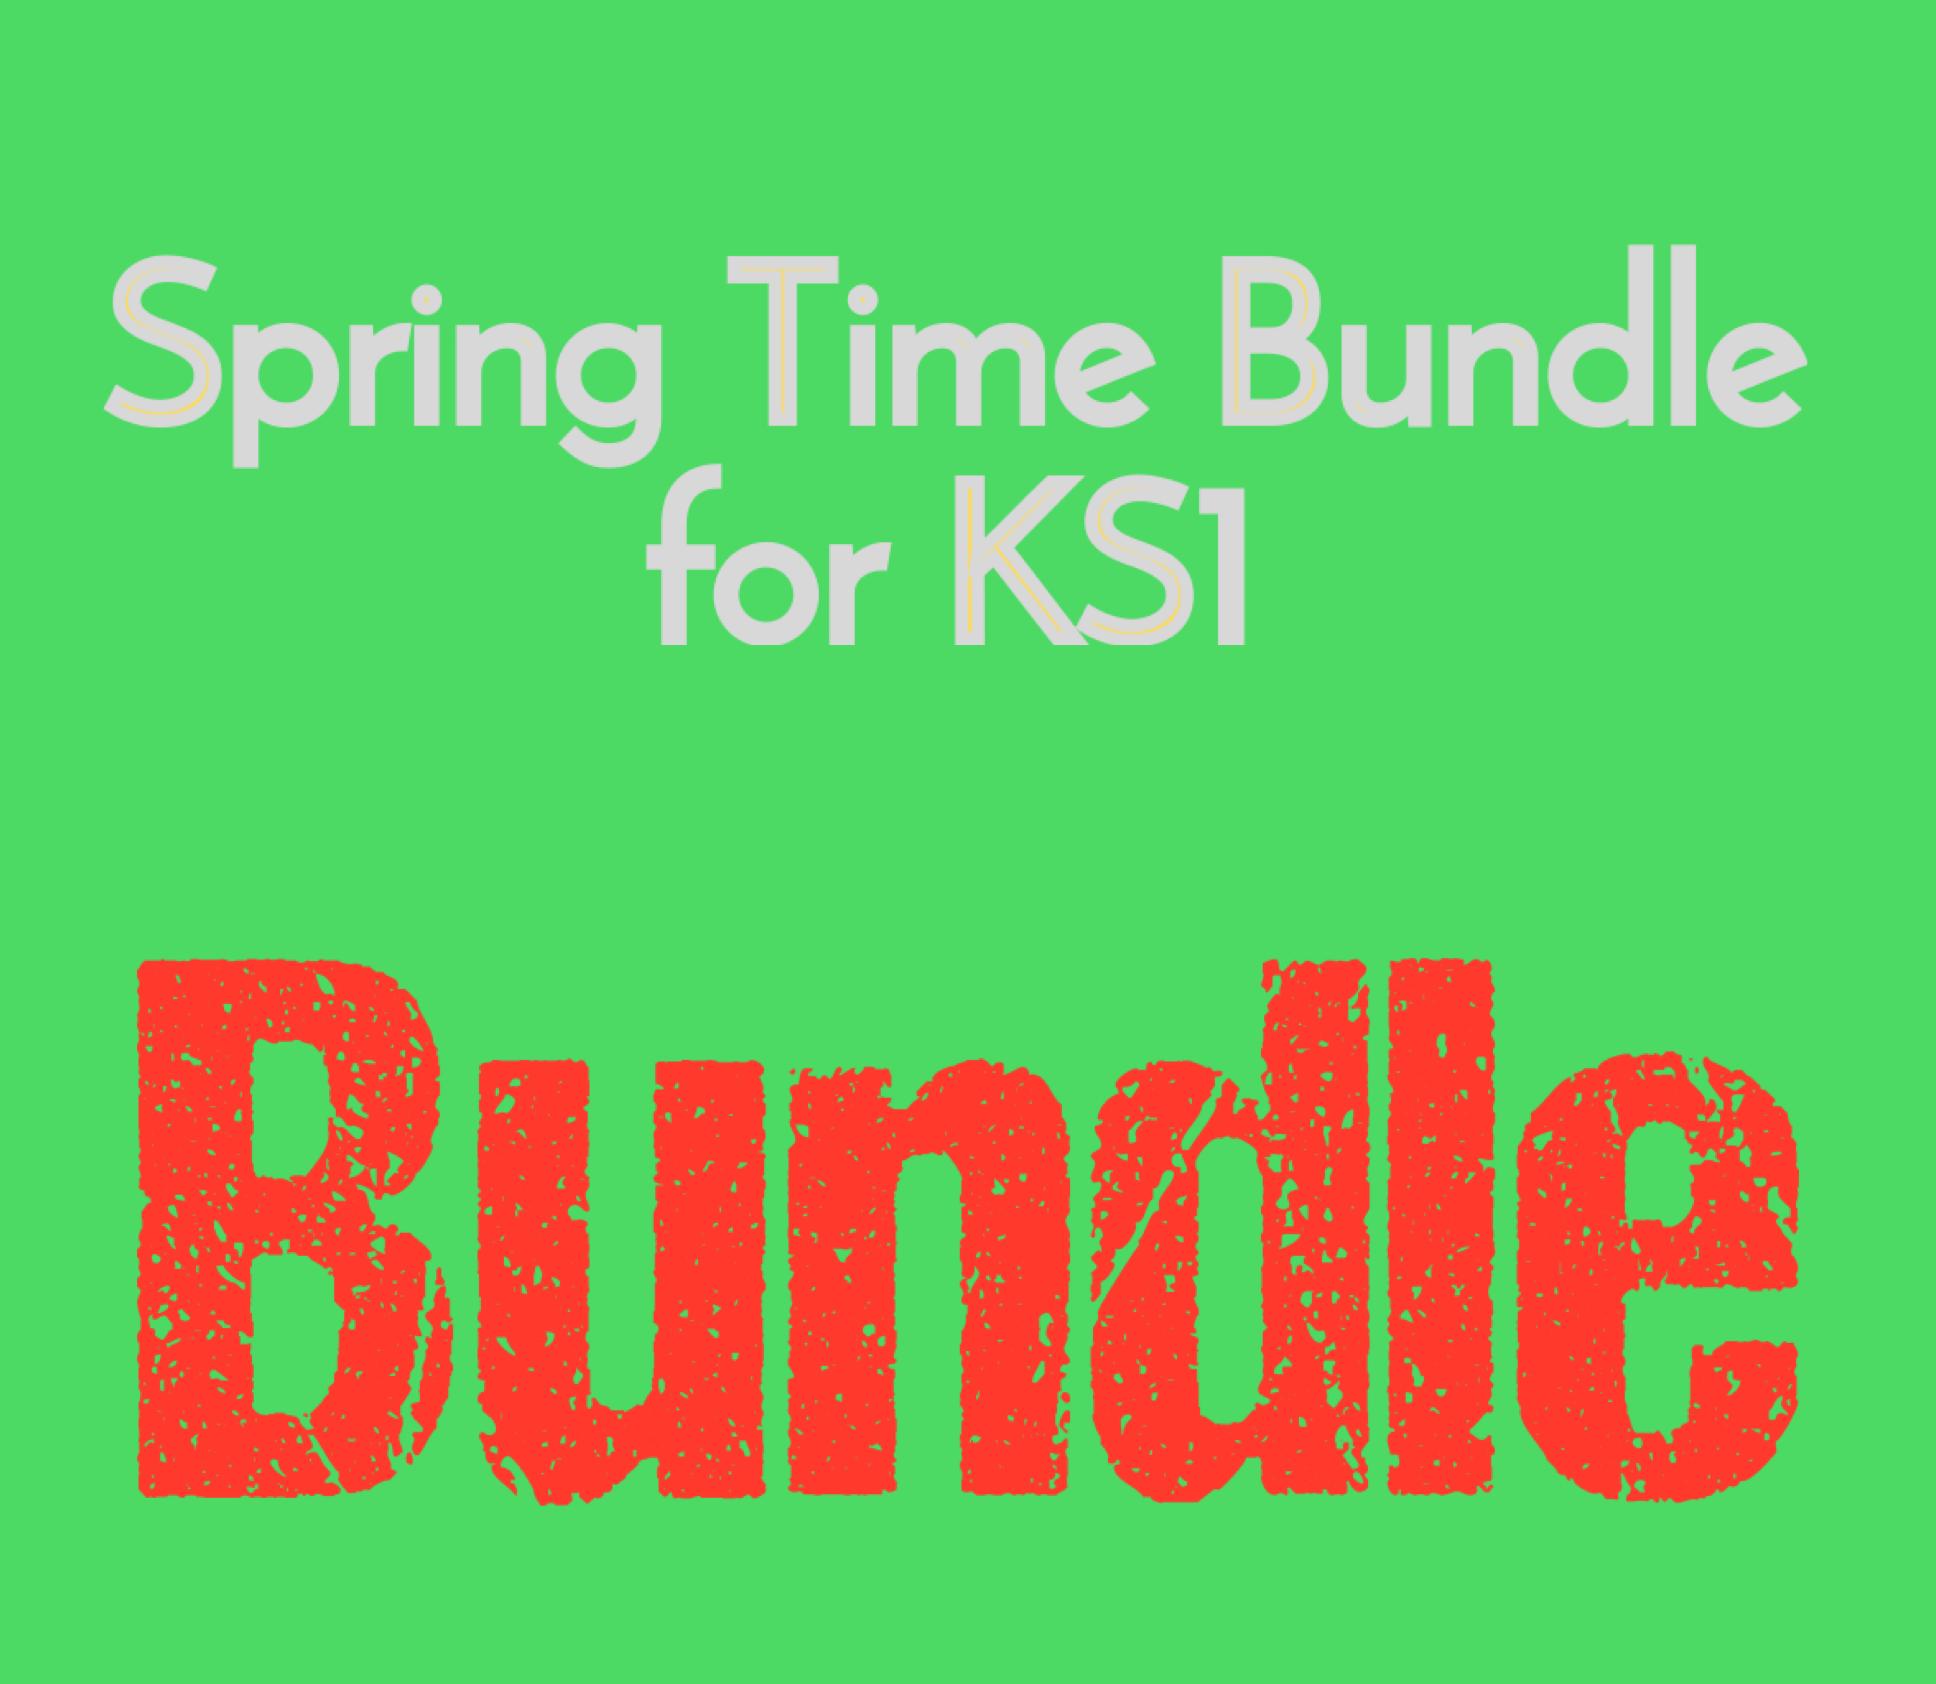 Spring Time Bundle for KS1